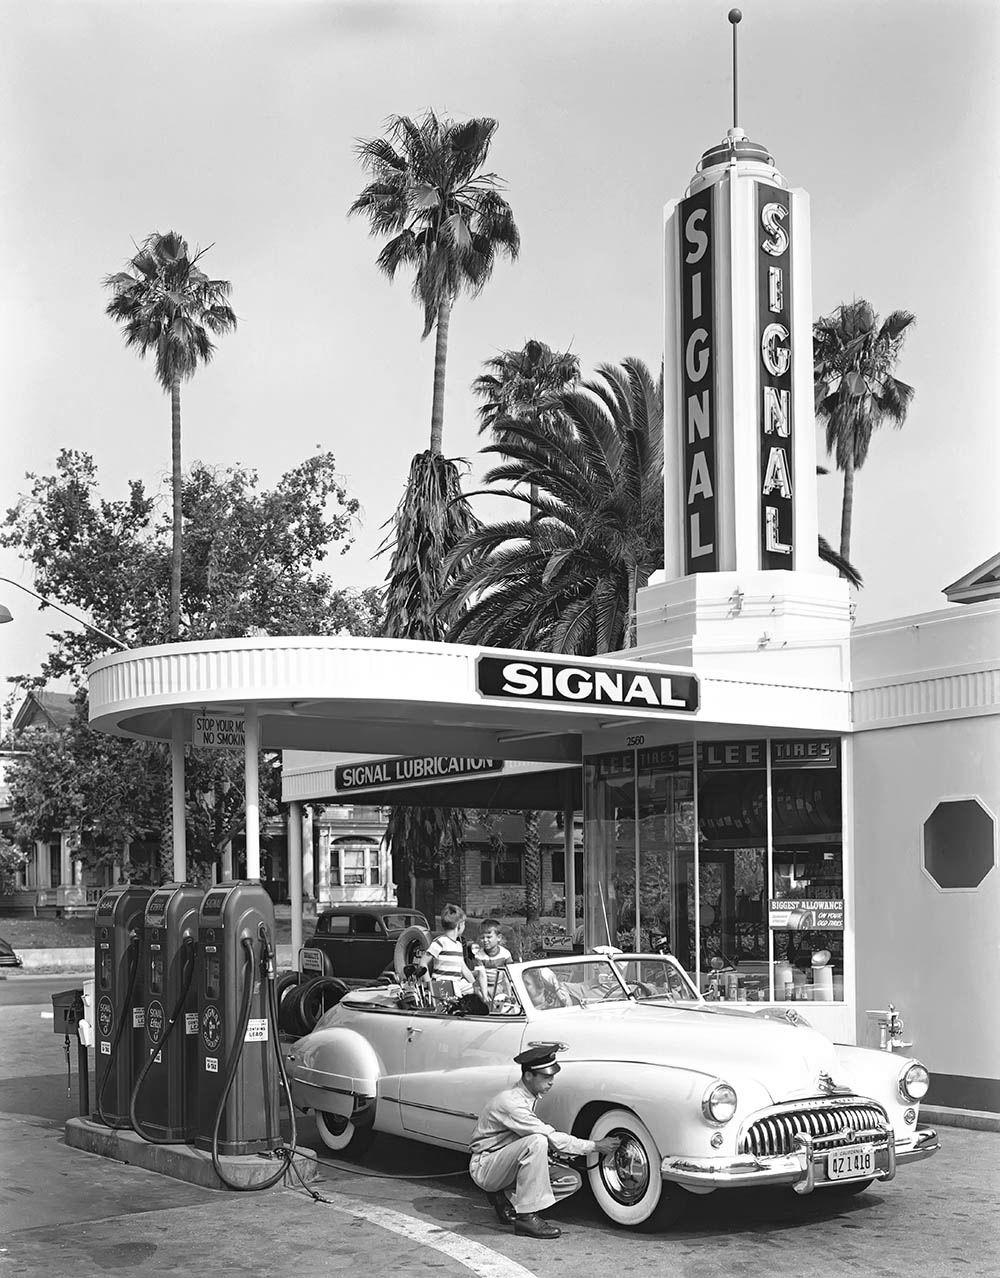 The original blackandwhite image of a Signal gasoline